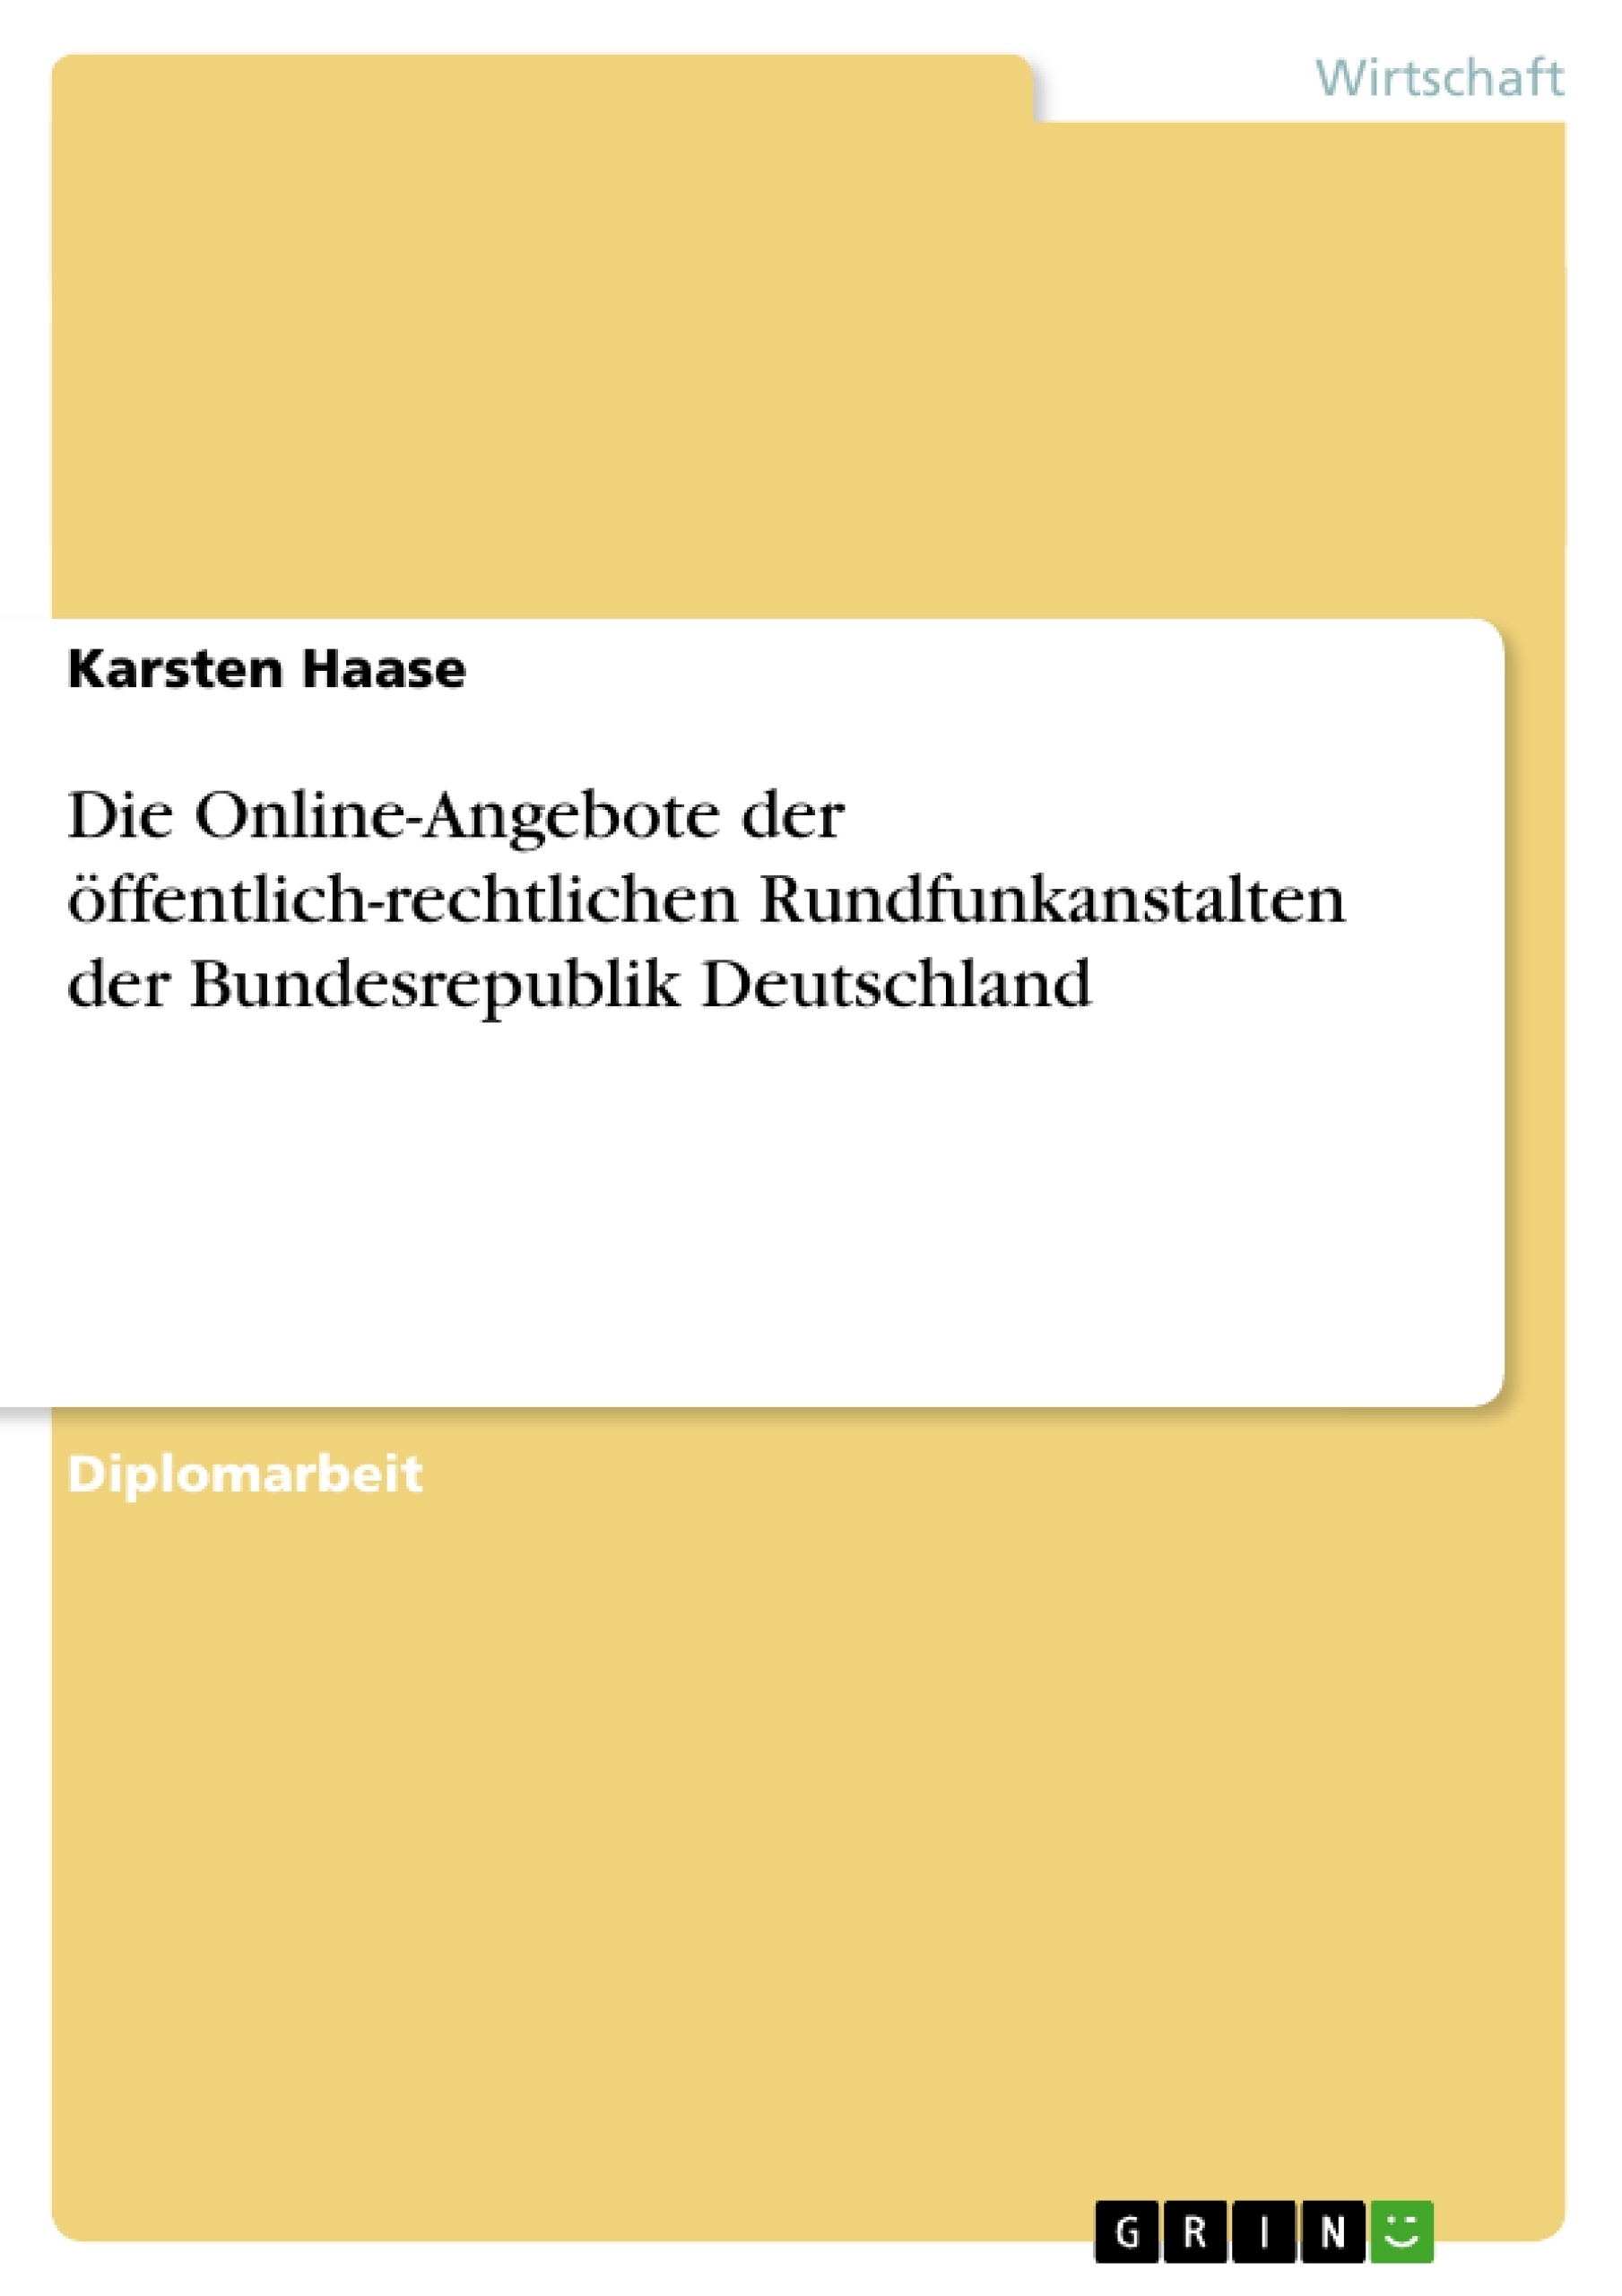 Titel: Die Online-Angebote der öffentlich-rechtlichen Rundfunkanstalten der Bundesrepublik Deutschland